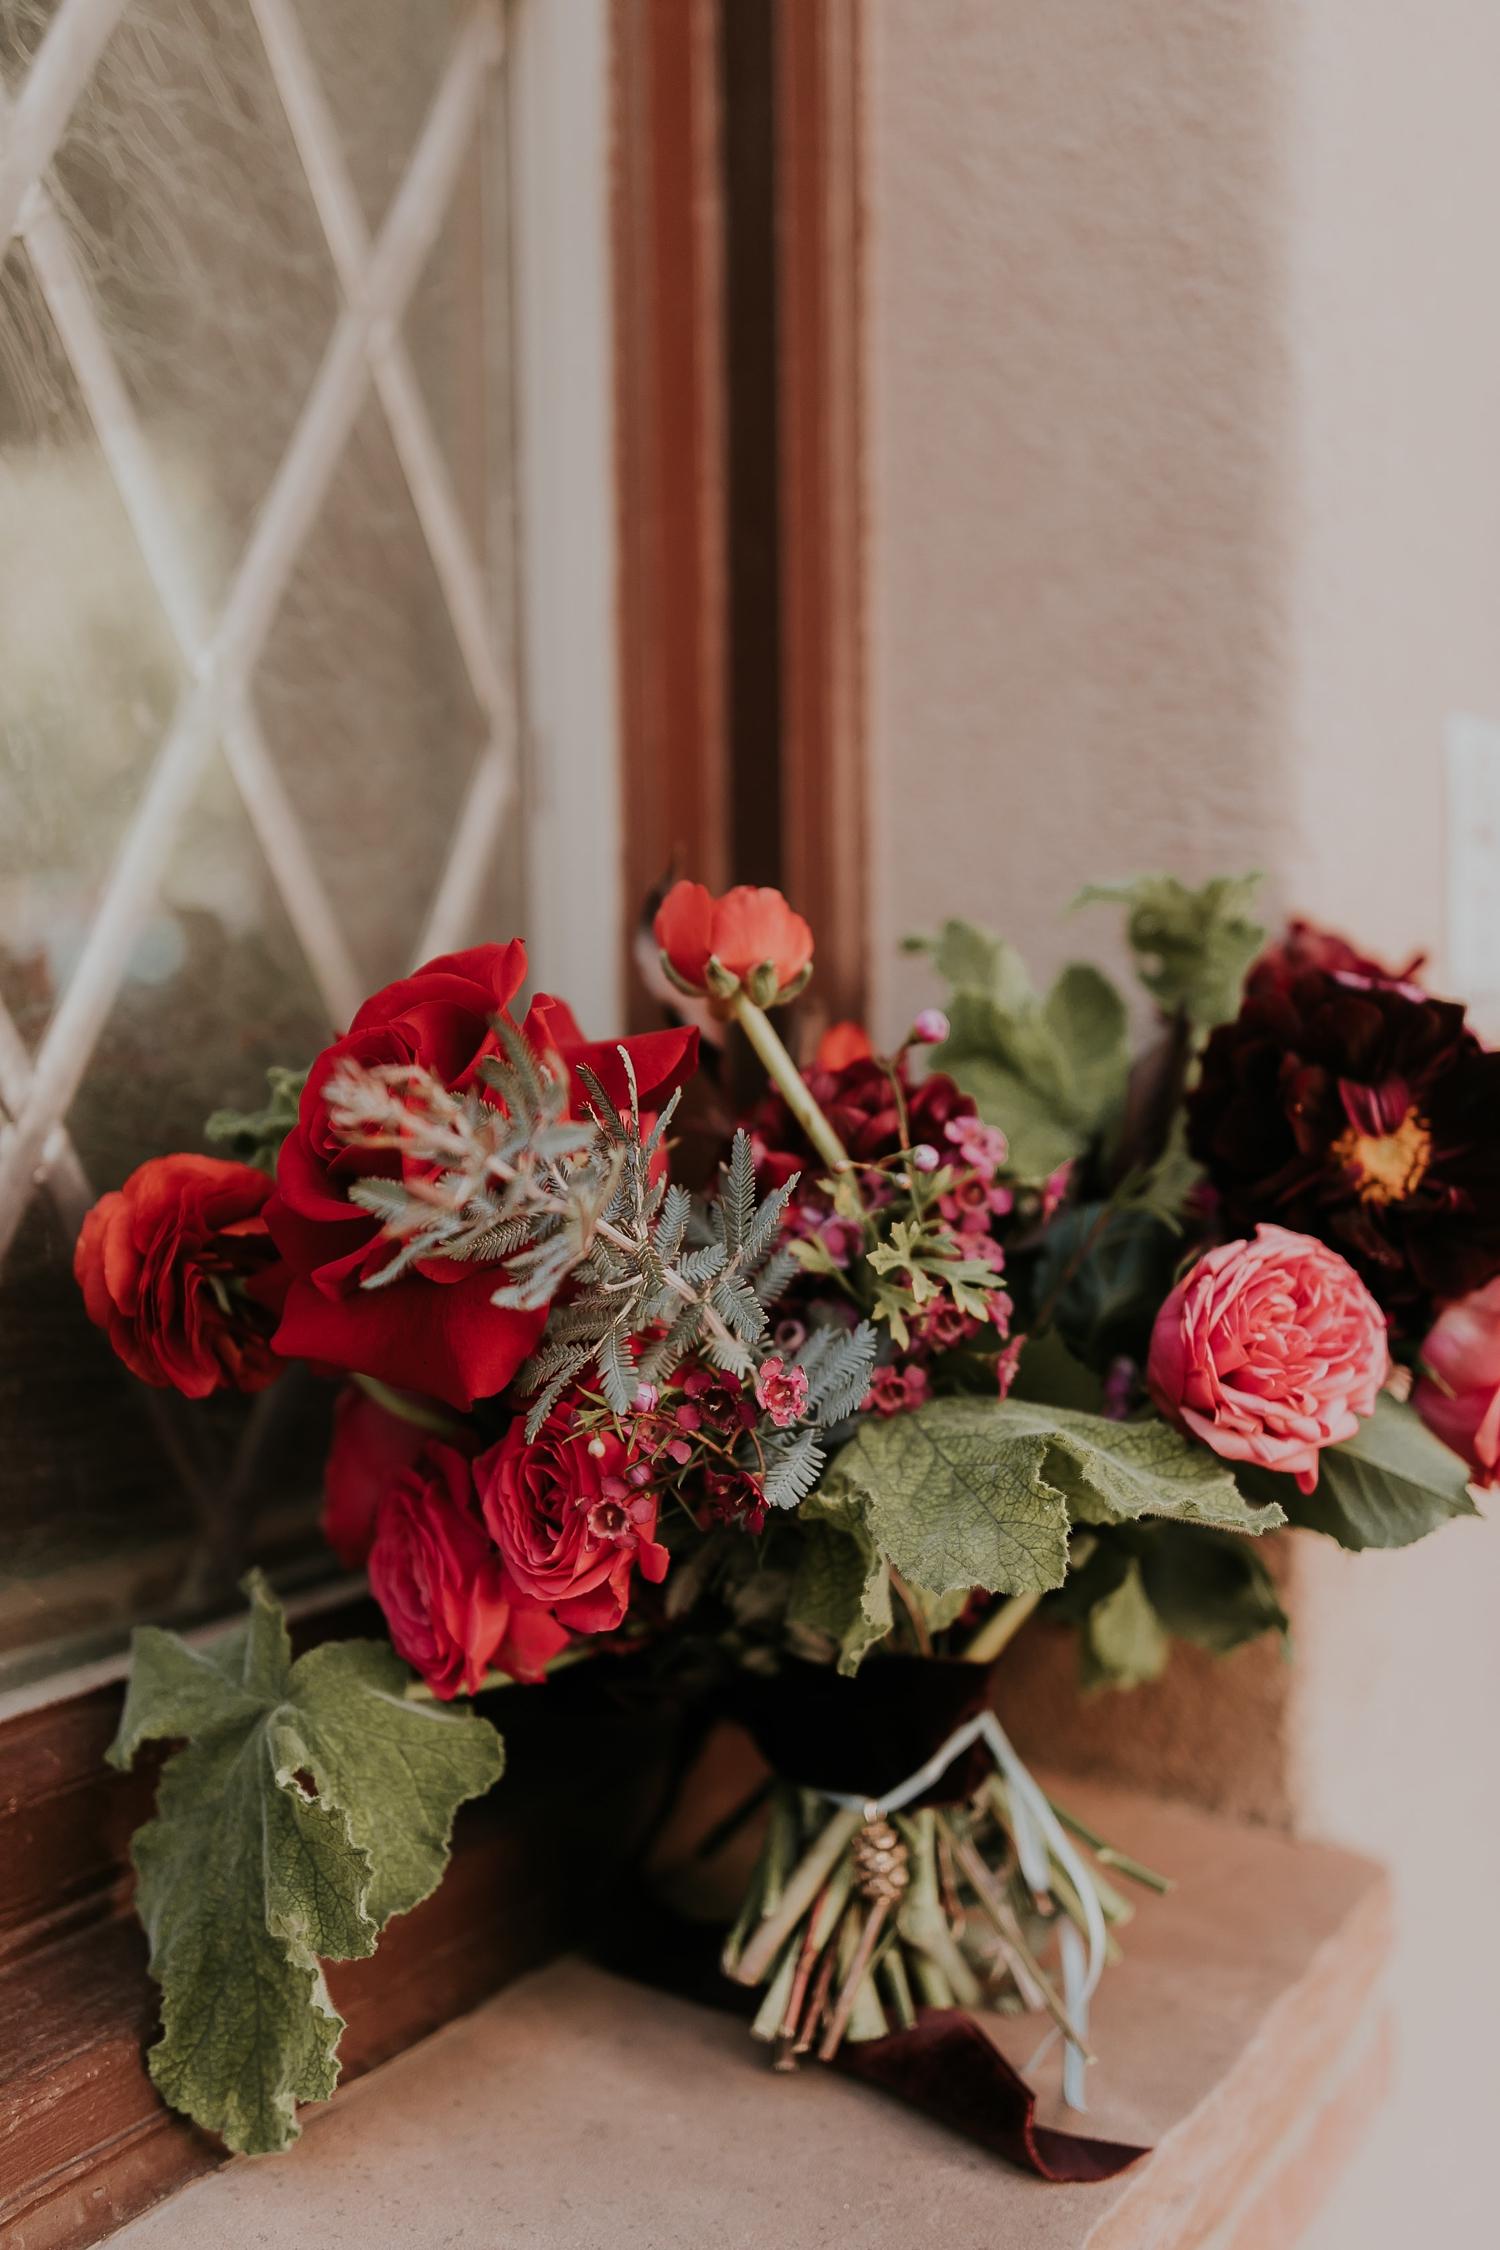 Alicia+lucia+photography+-+albuquerque+wedding+photographer+-+santa+fe+wedding+photography+-+new+mexico+wedding+photographer+-+la+fonda+wedding+-+la+fonda+fall+wedding+-+intimate+la+fonda+wedding_0018.jpg